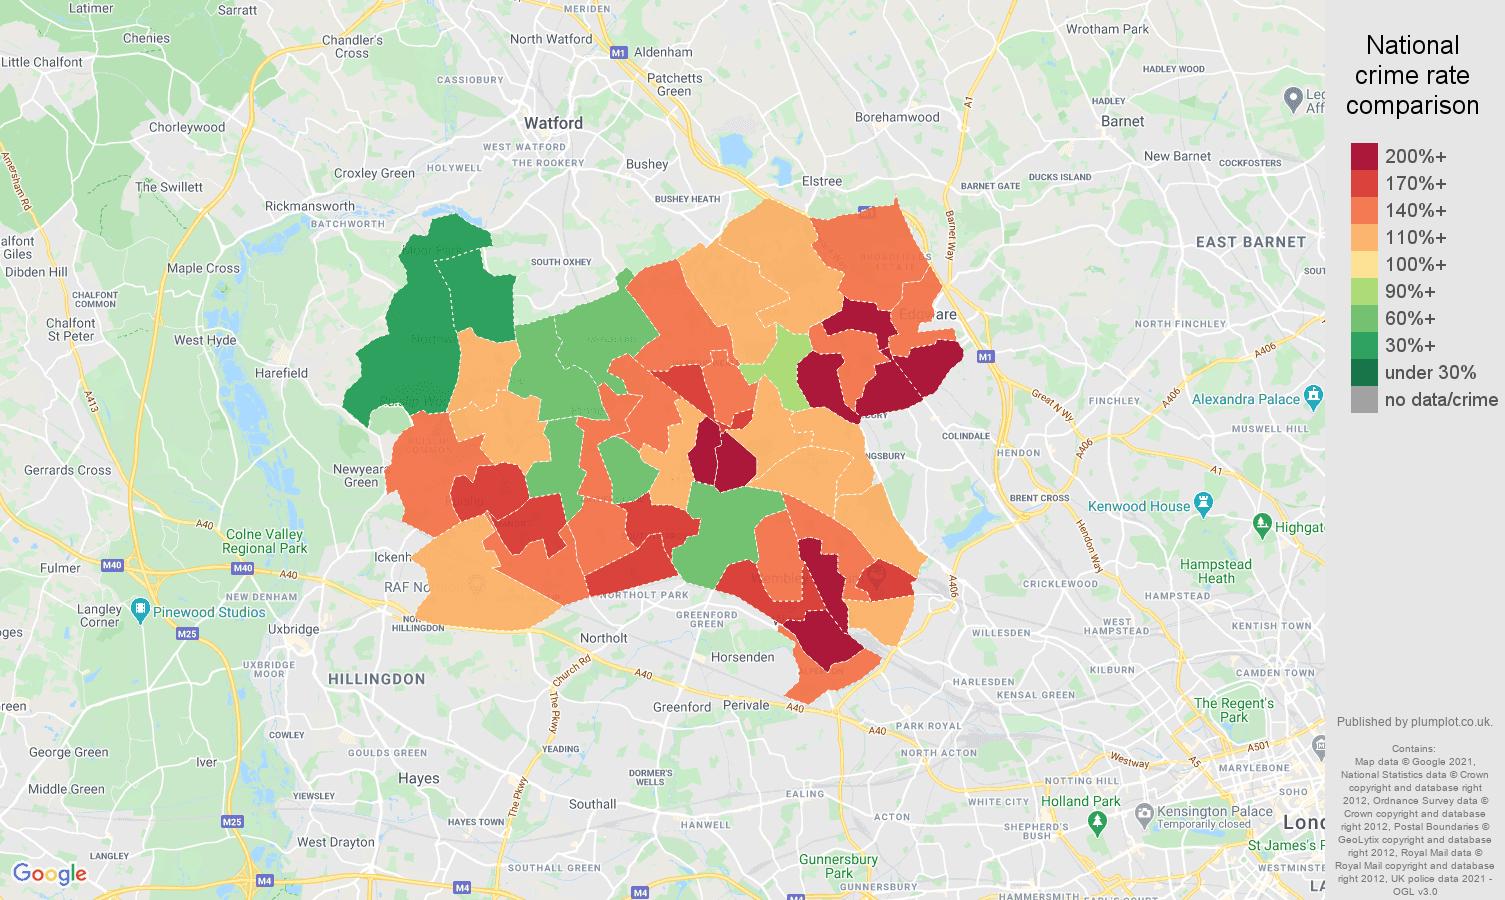 Harrow antisocial behaviour crime rate comparison map